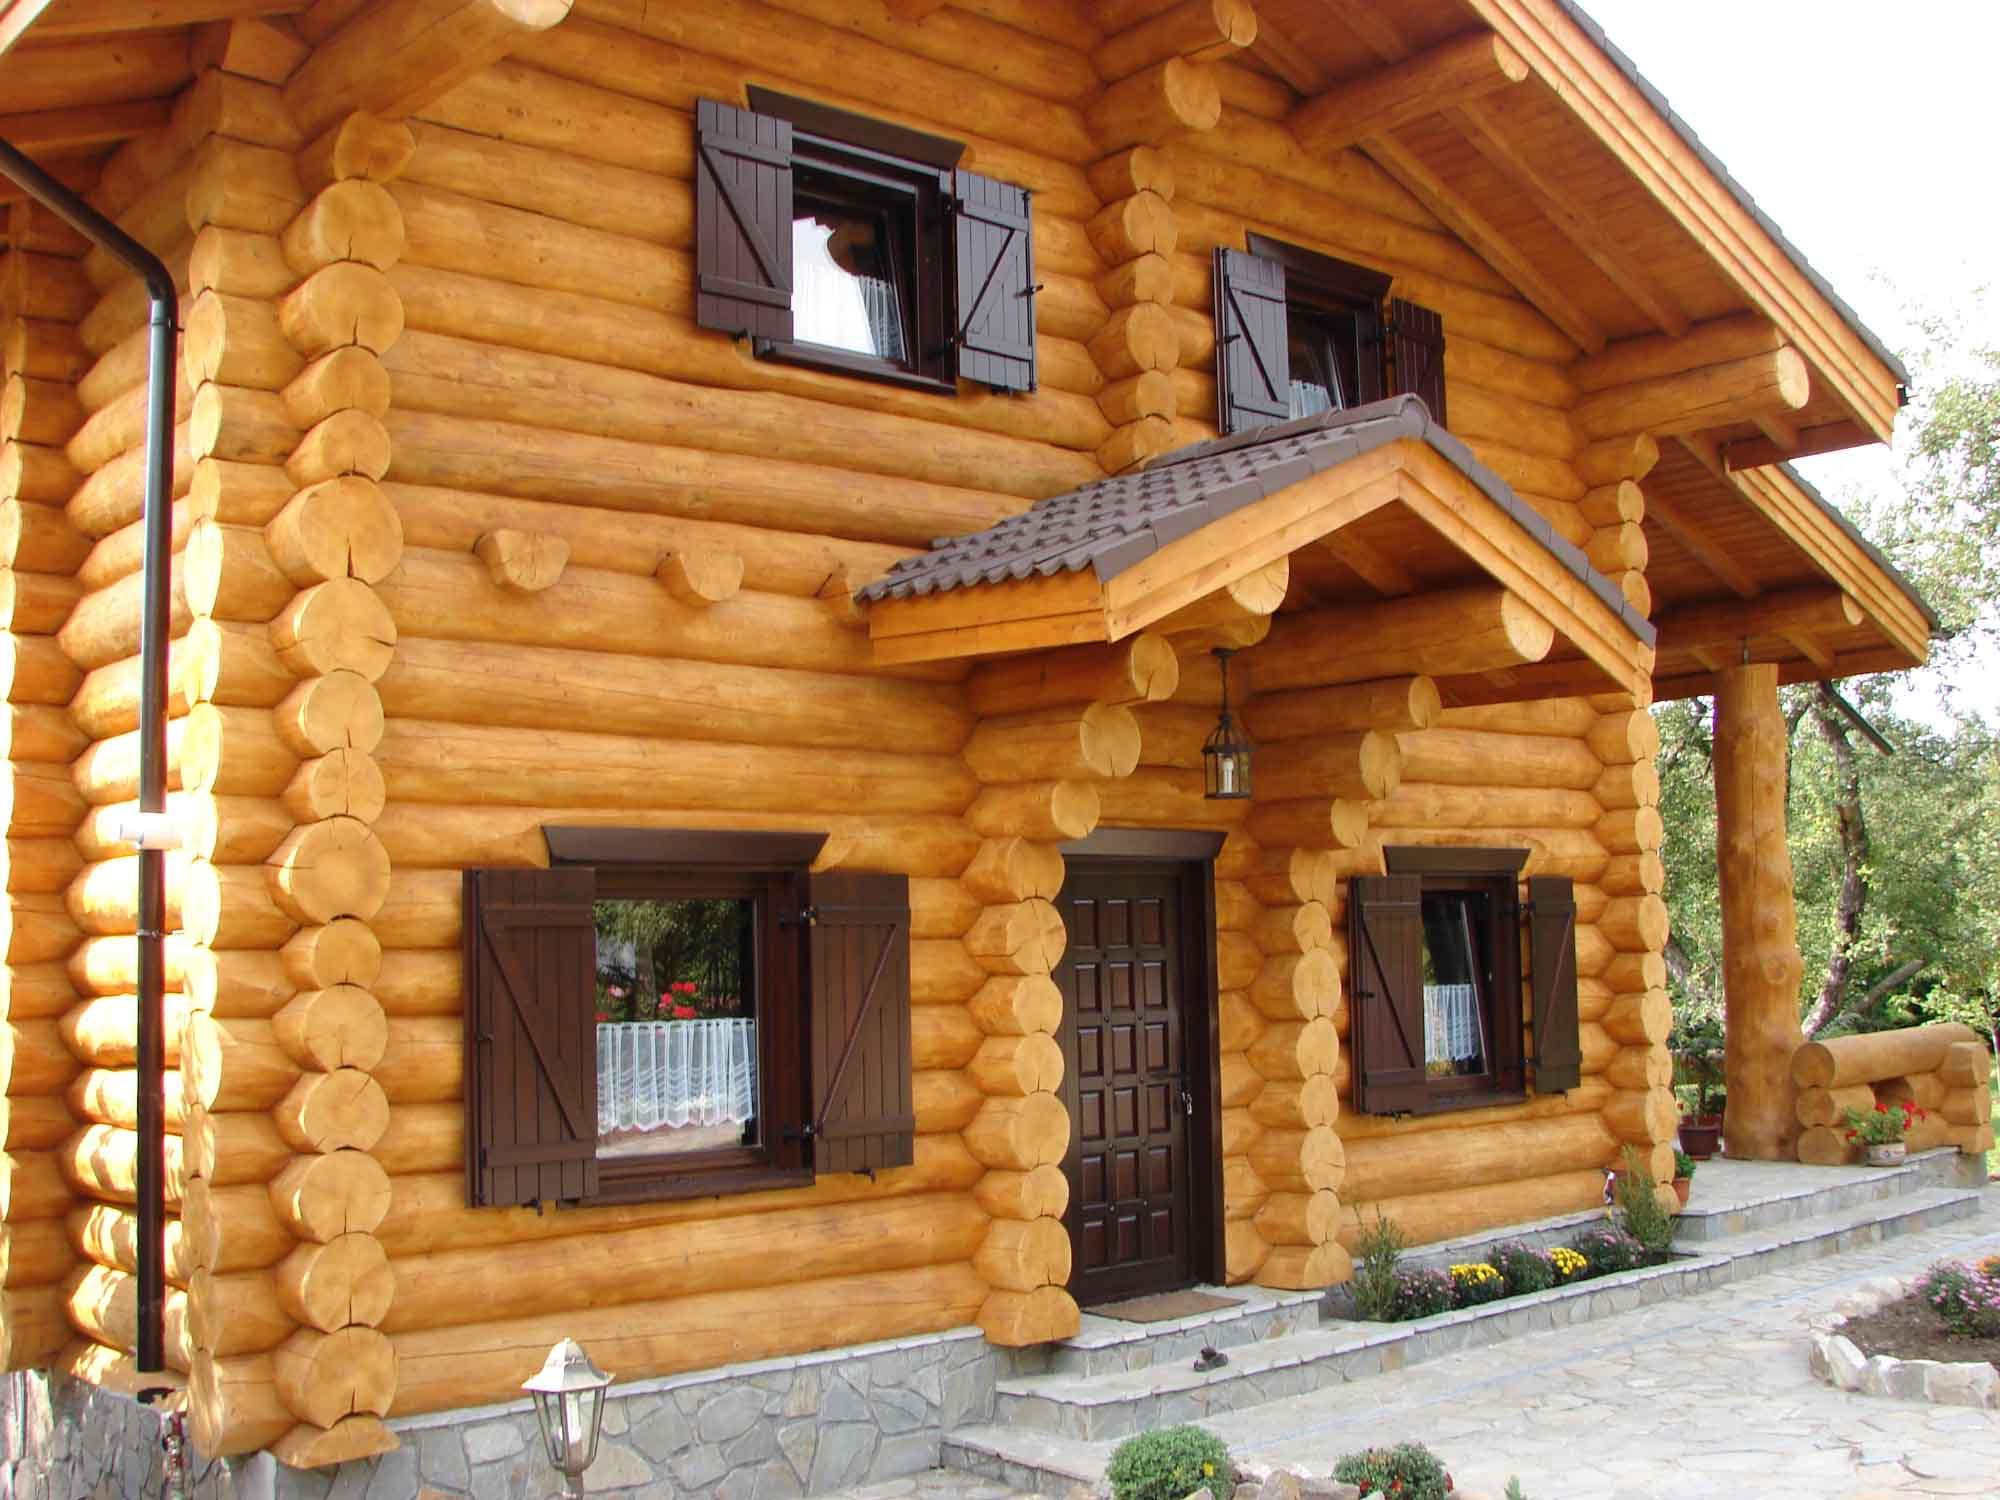 Maison en bois maison en bois for Maison en bois image